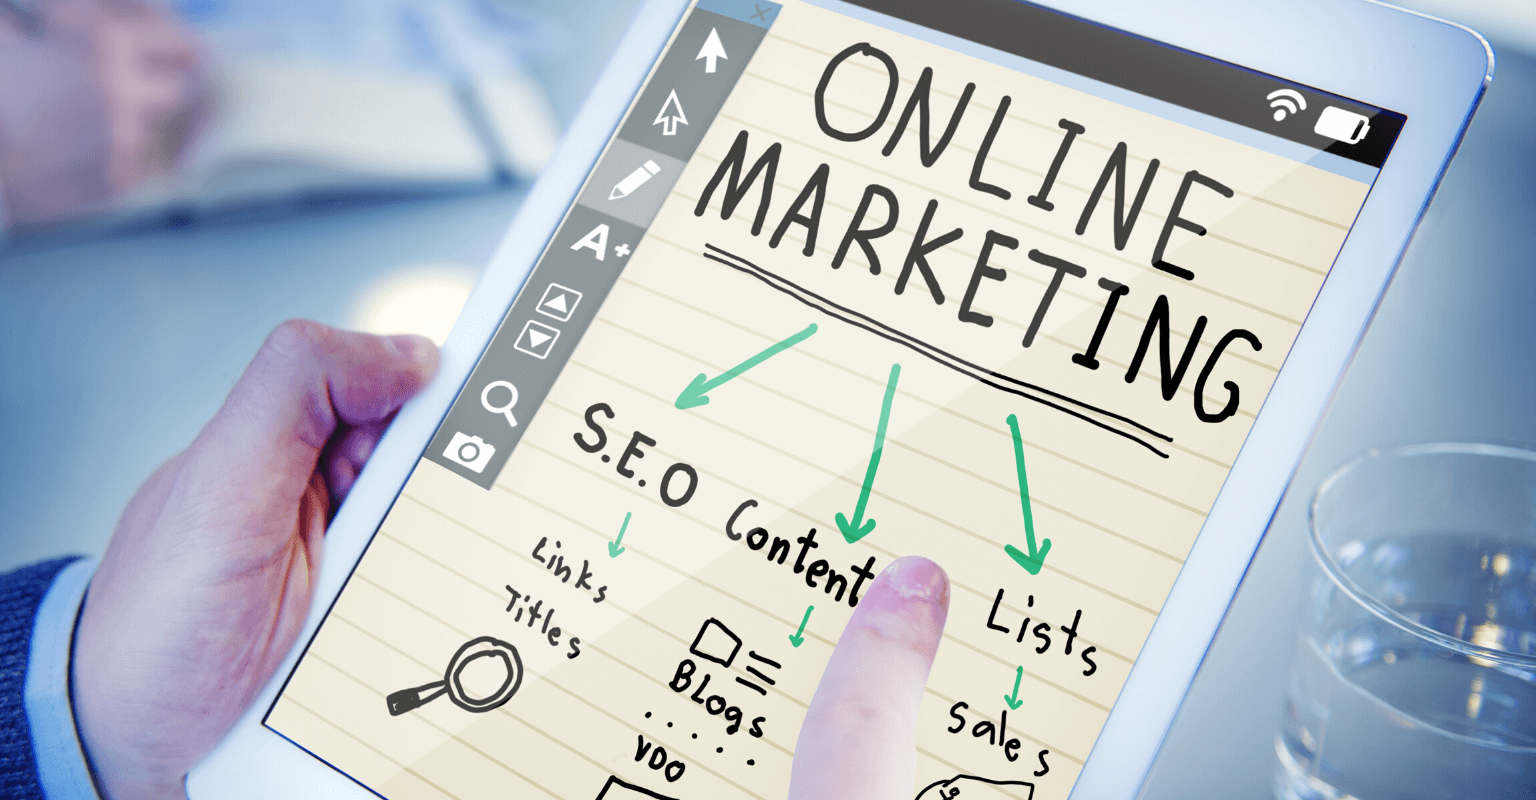 digital-marketing-apprentice